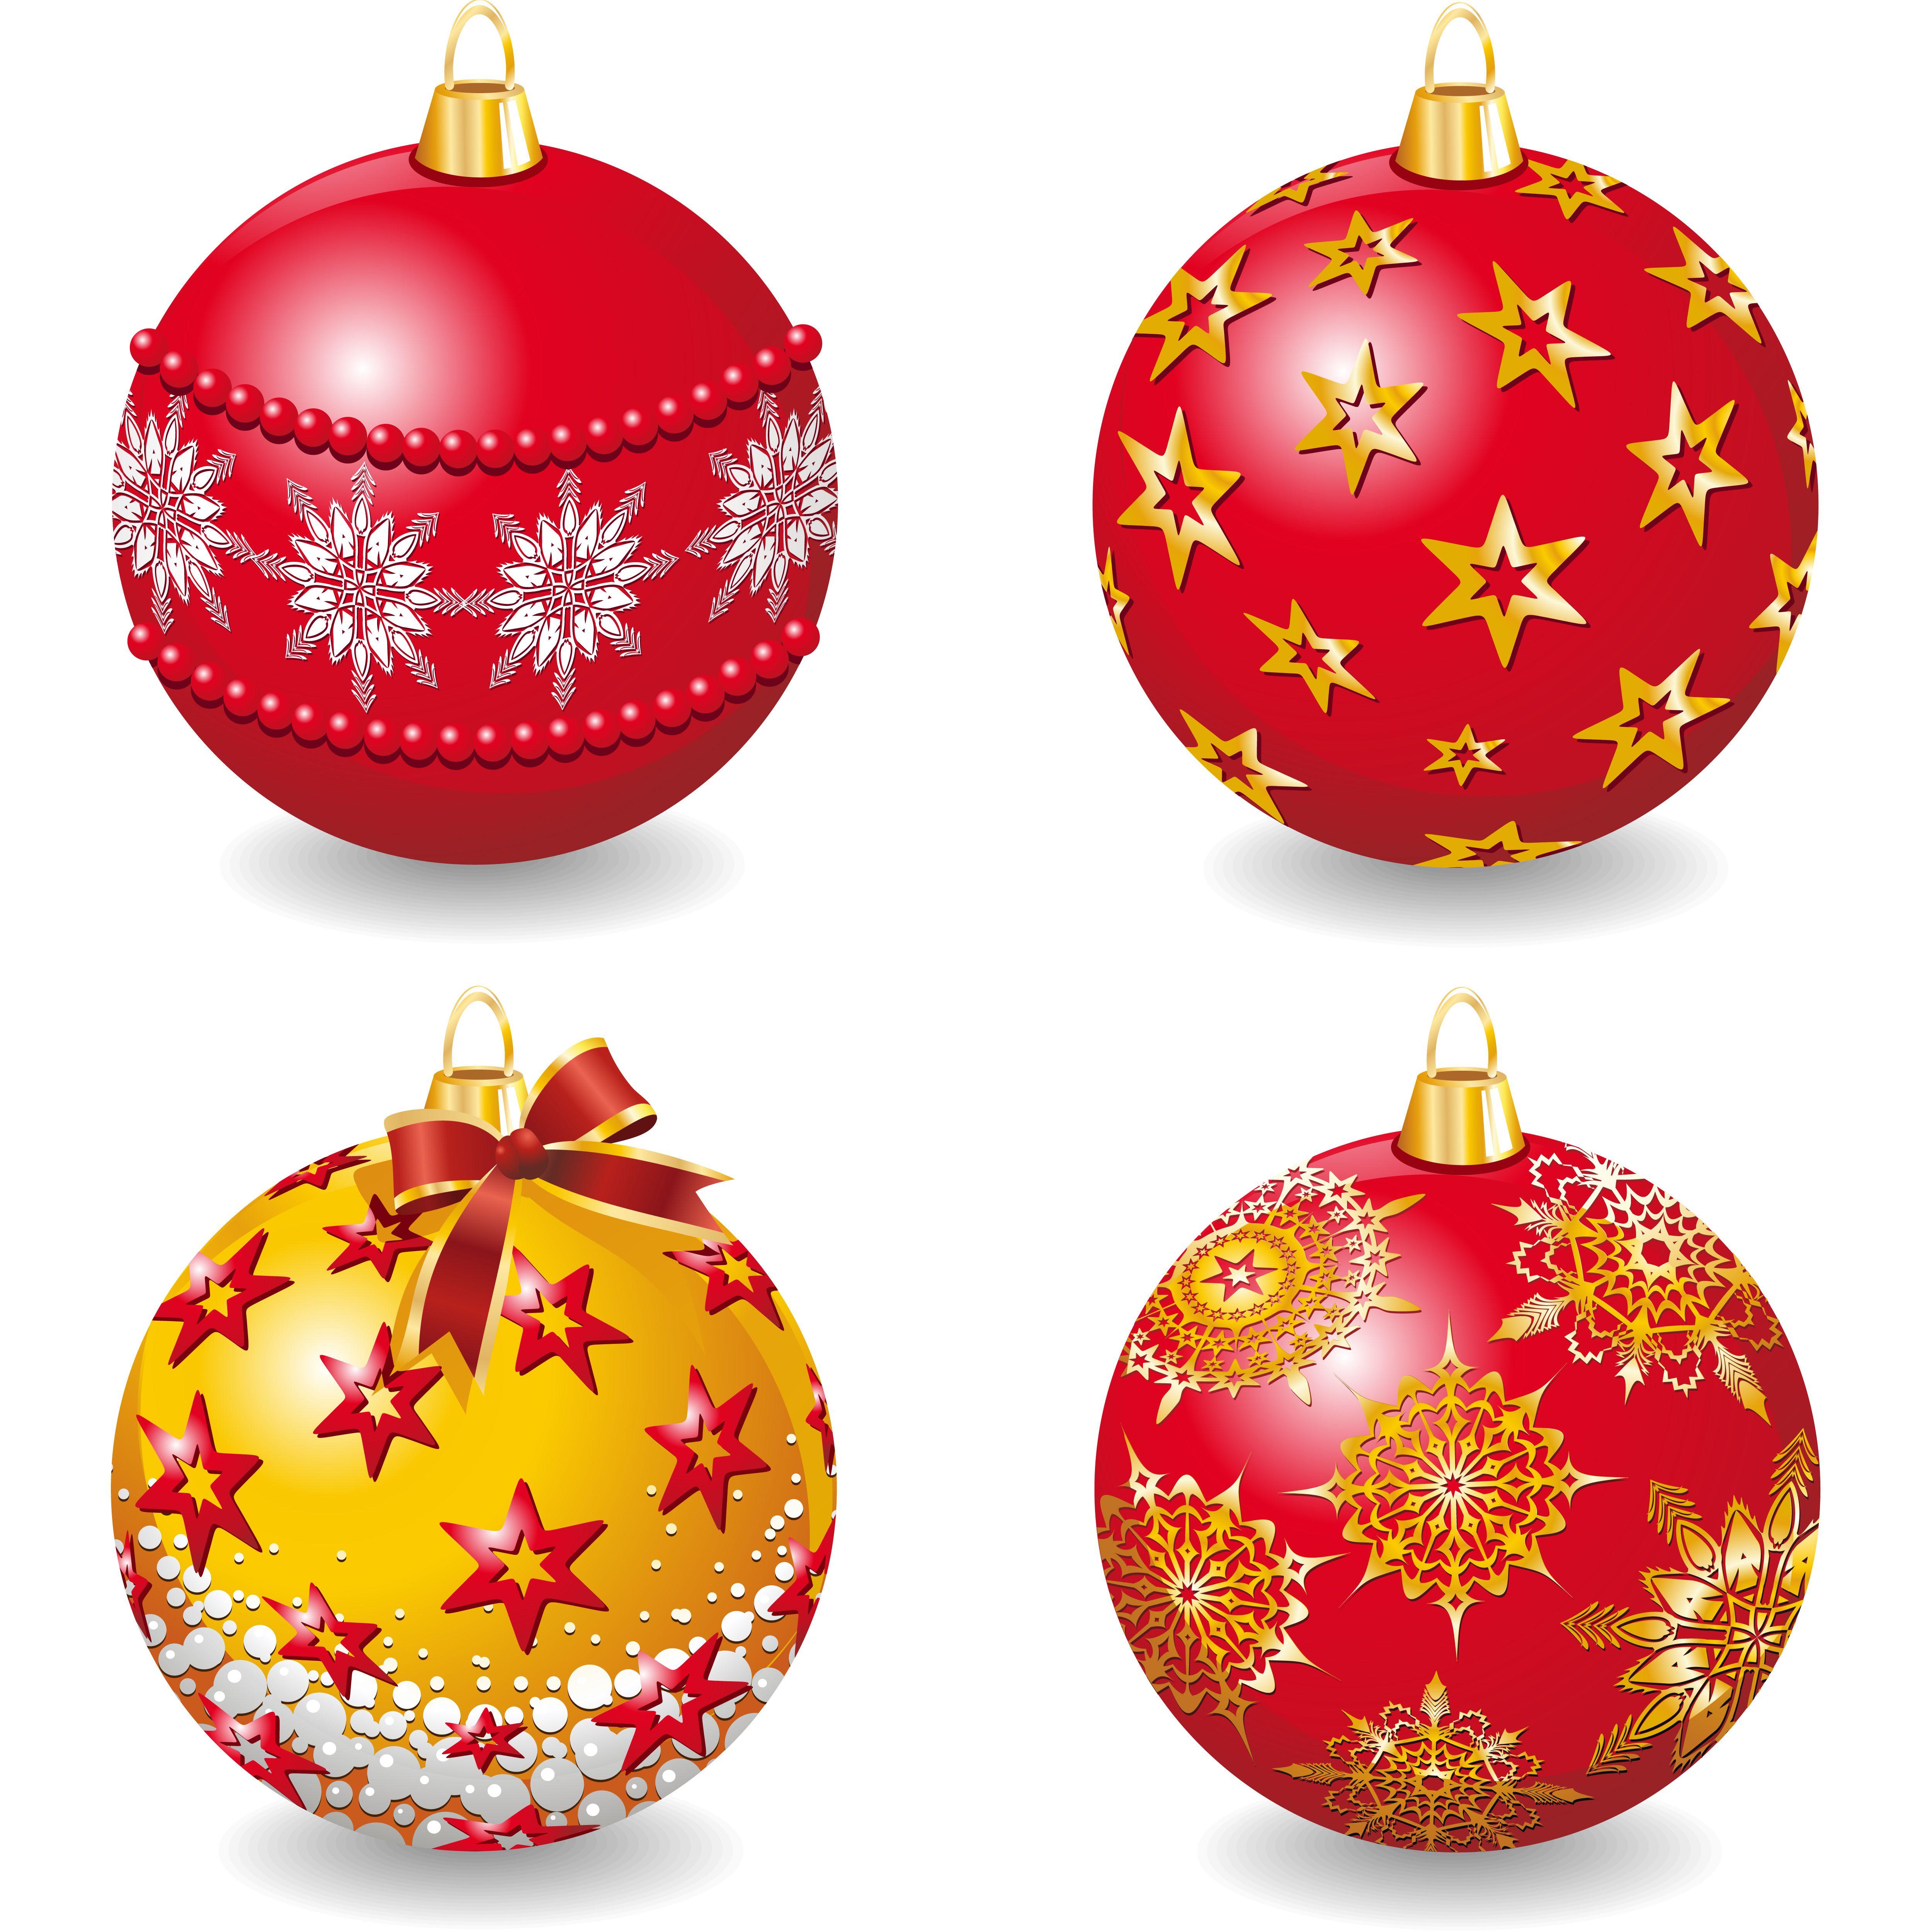 картинка шарики новогодние цветные молибденовый катод